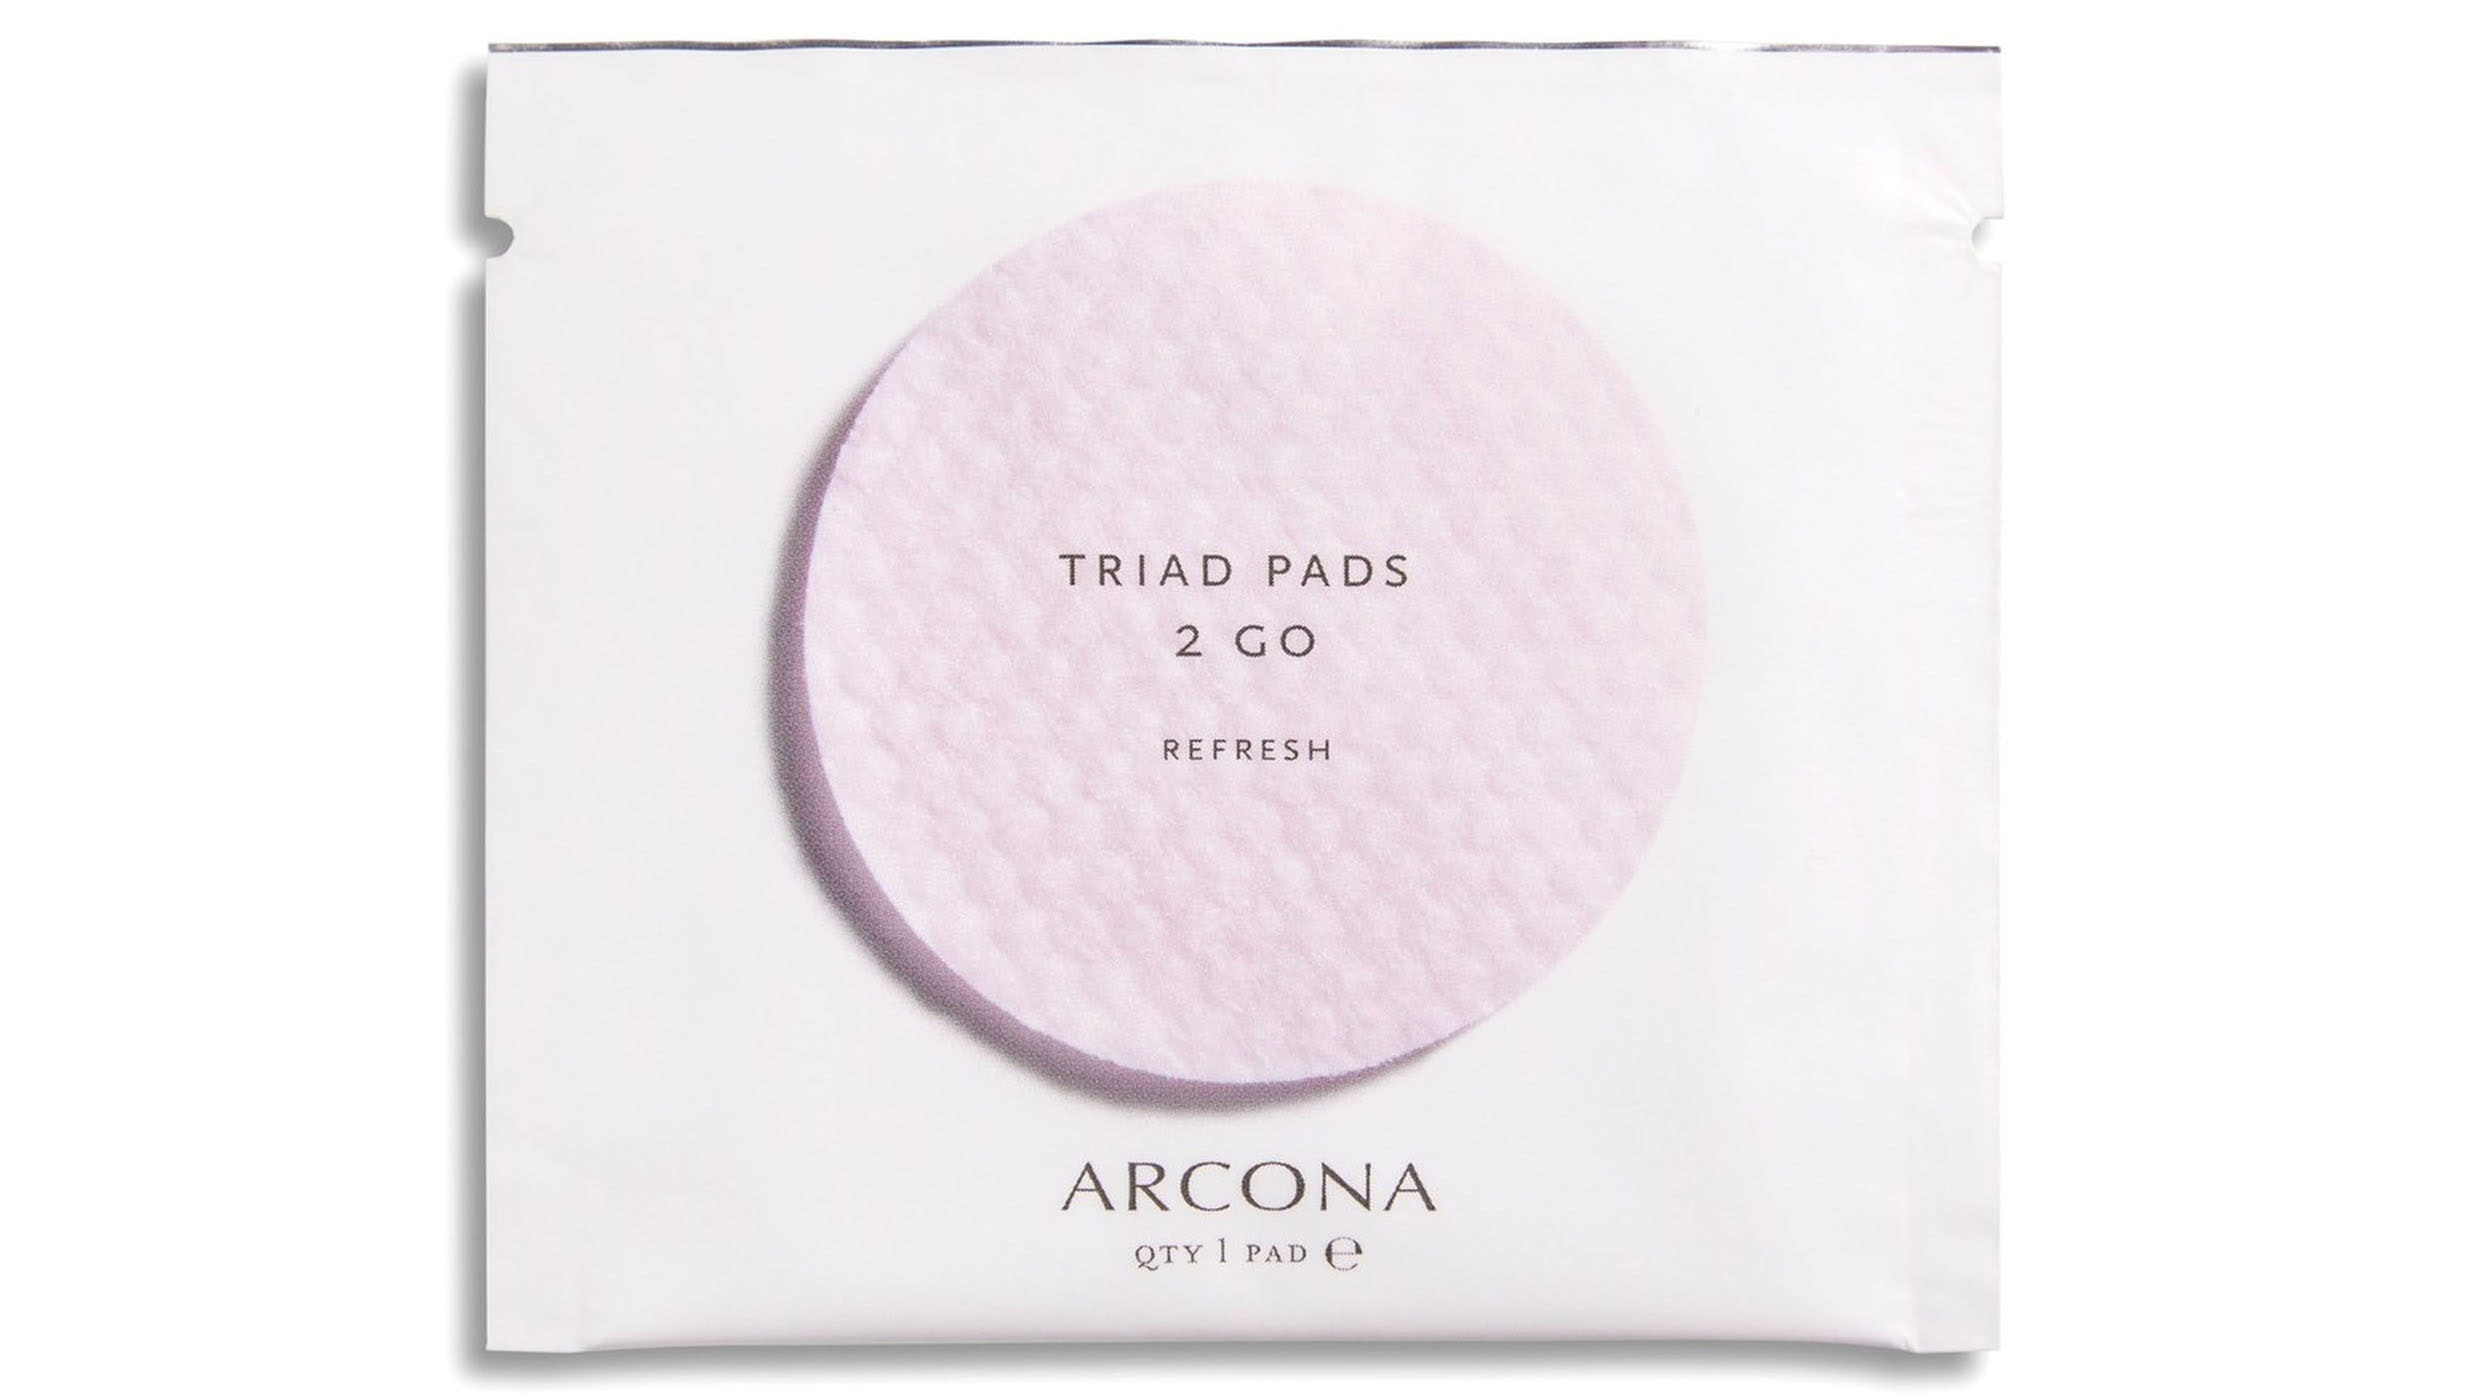 ARCONA Triad Pads 2 Go